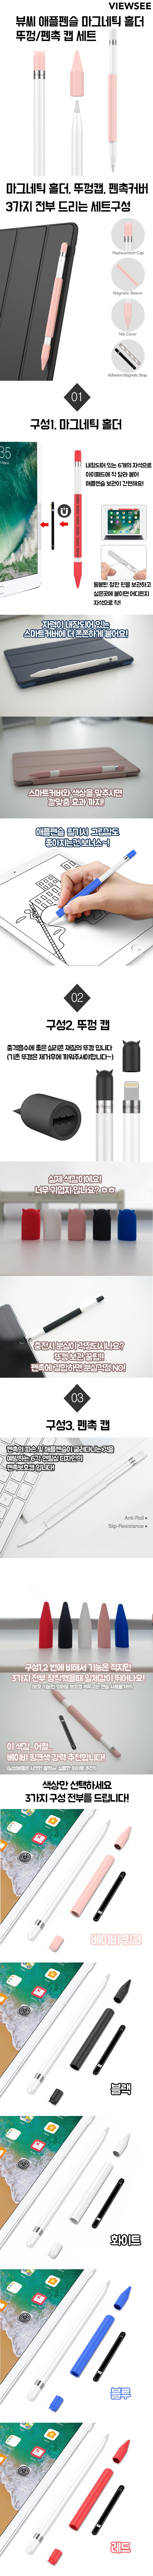 [3종세트]펜슬 마그네틱 케이스 뚜껑홀더 캡 그립 팁 - 뷰씨, 18,900원, 케이스, 아이패드/미니